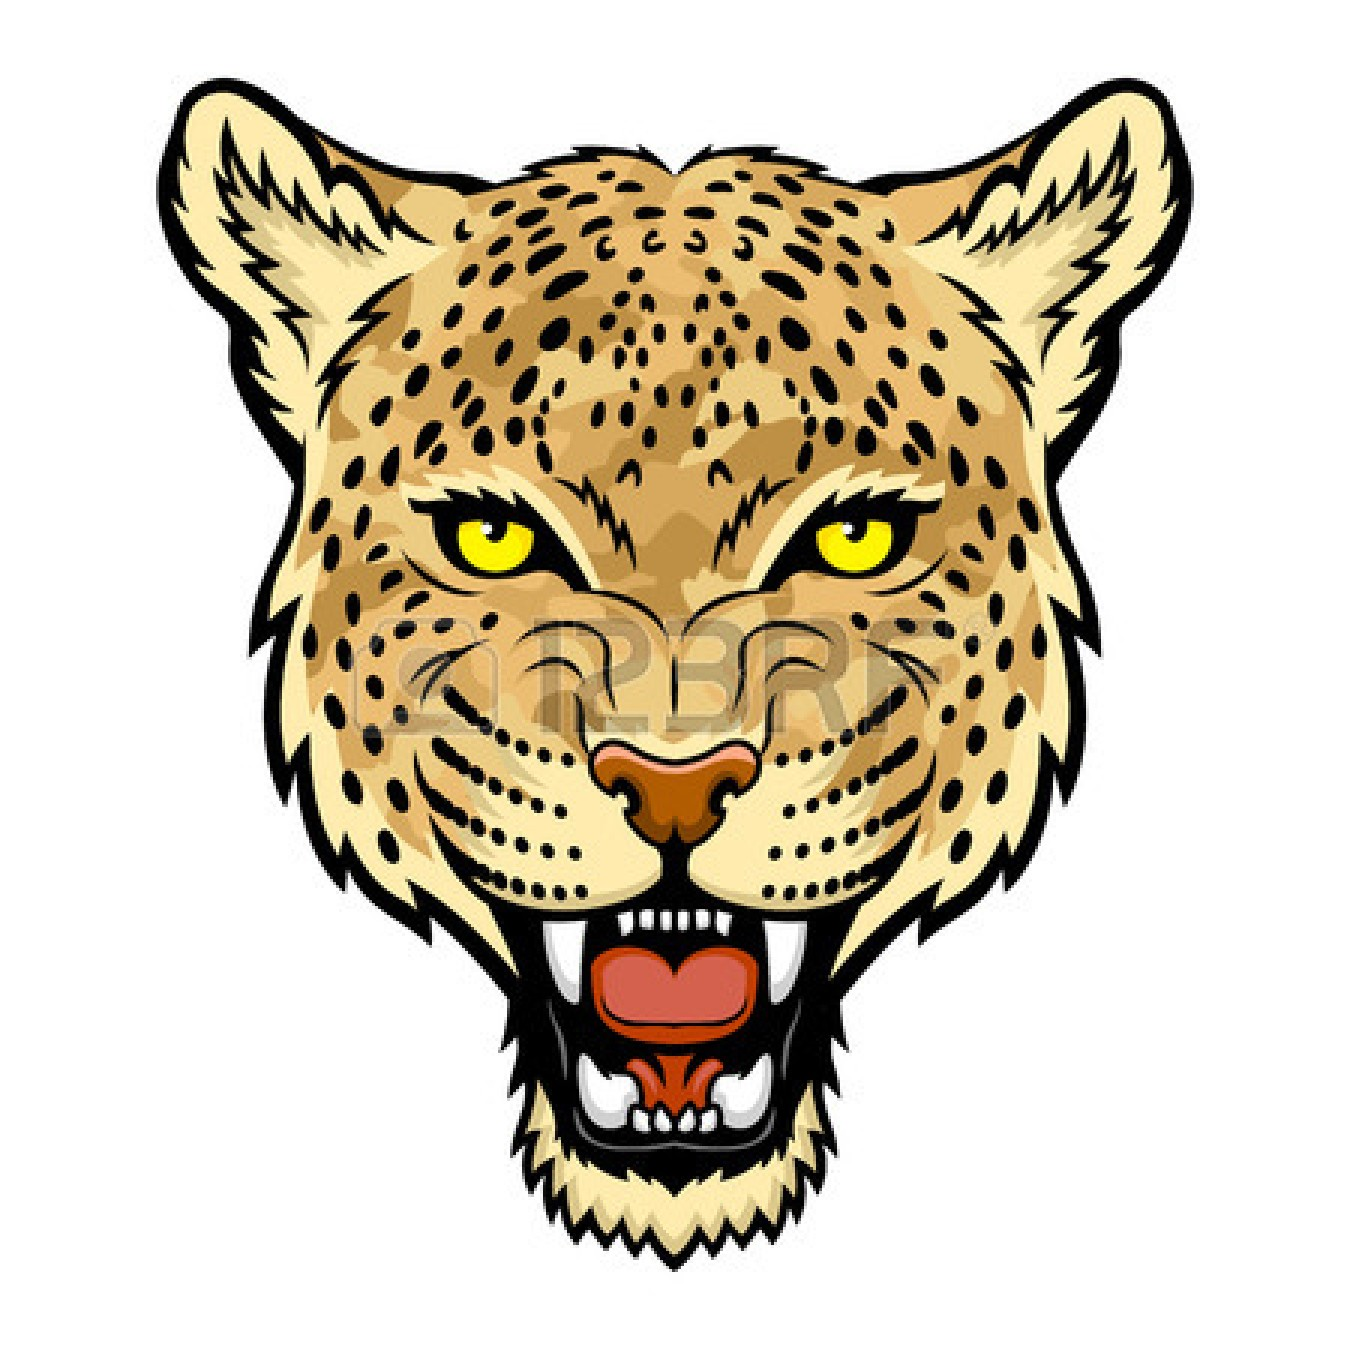 a leopard head clipart clipart panda free clipart images rh clipartpanda com Leopard Mascot Clip Art leopard head clip art logo